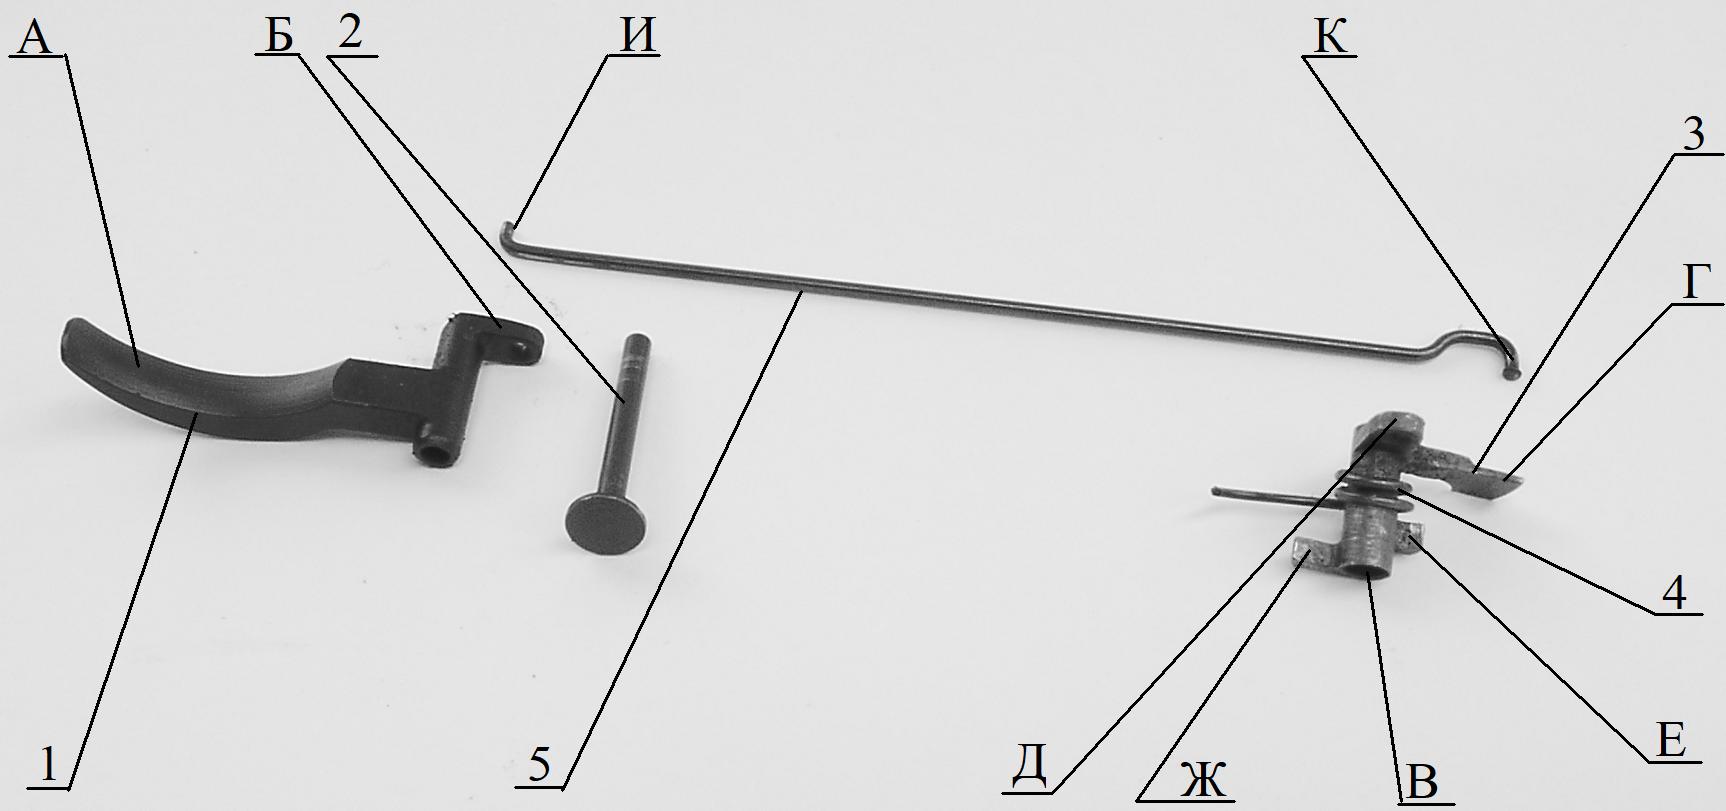 Рисунок 2.23 – Механизм спуска СР2М